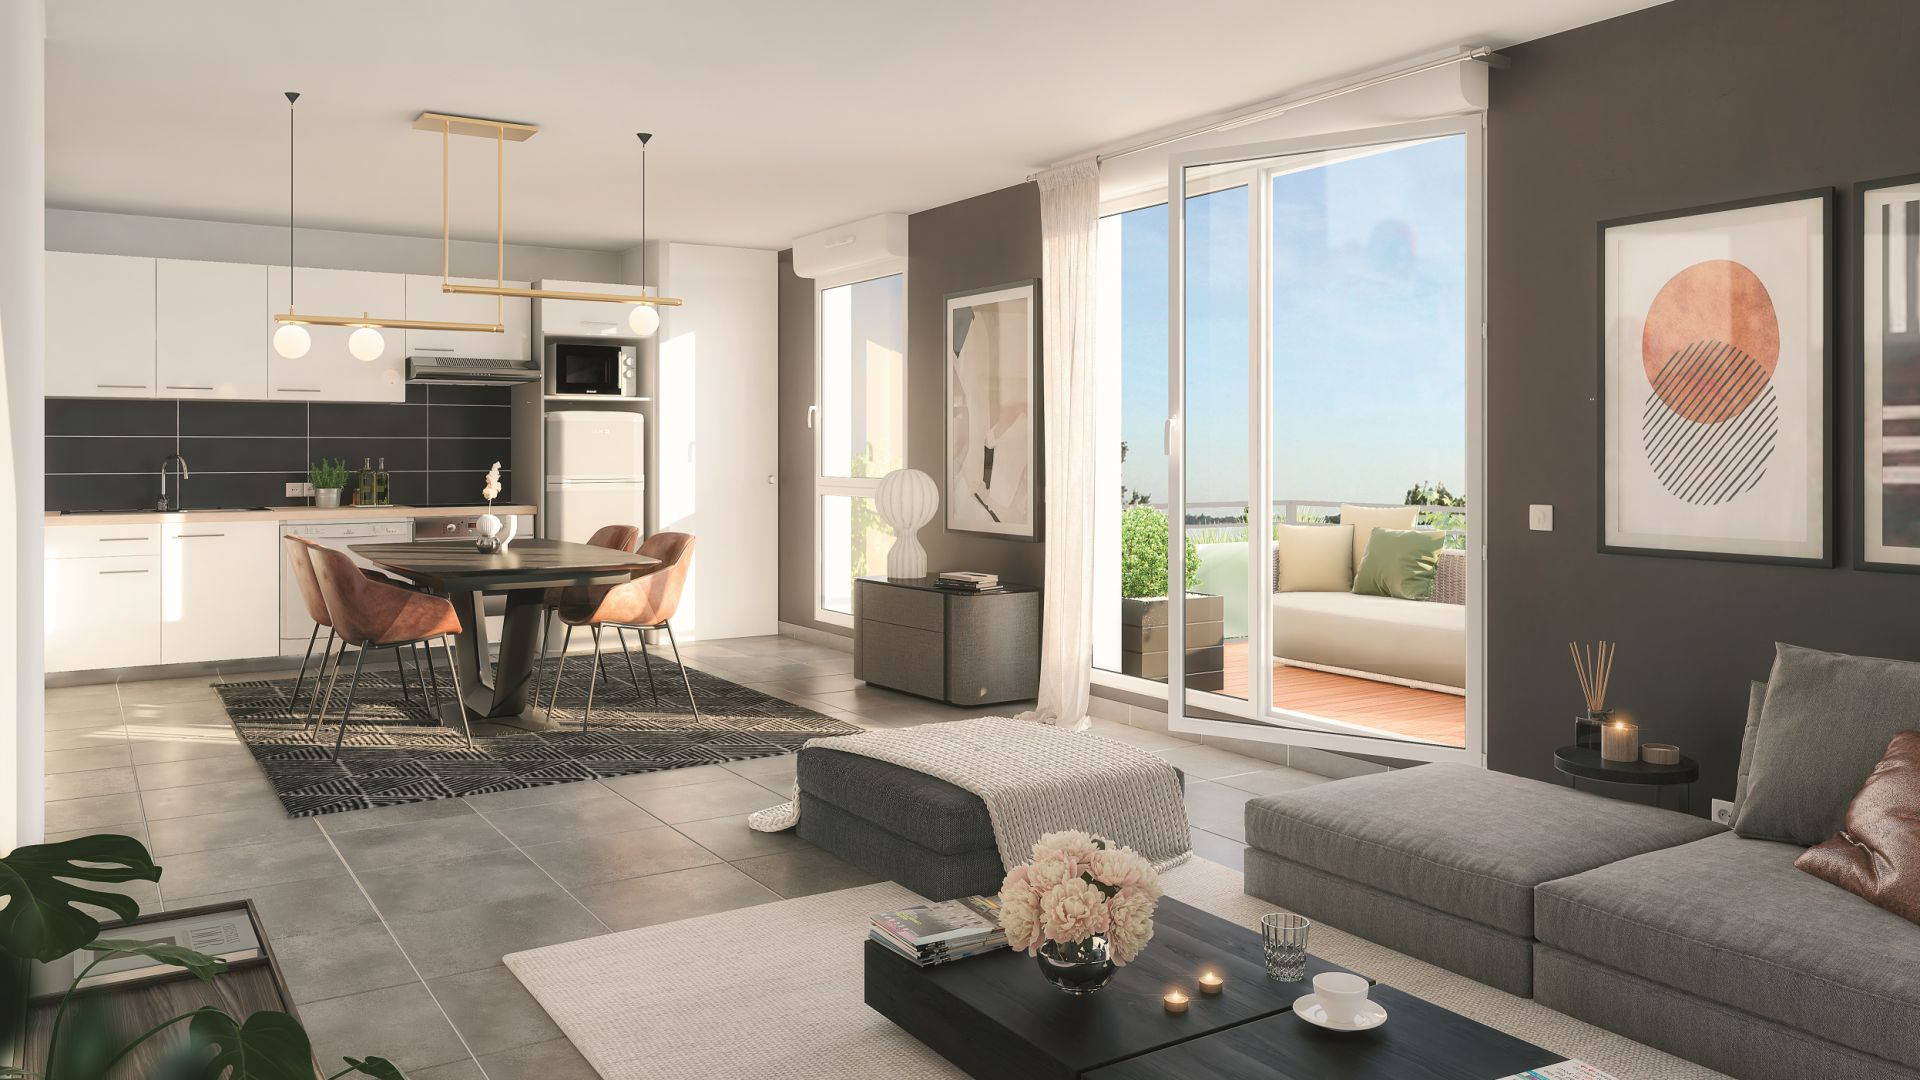 Greencity Immobilier - Le Roncevaux - achat appartements du T2 au T3 - Pechbonnieu 31140 - vue intérieure